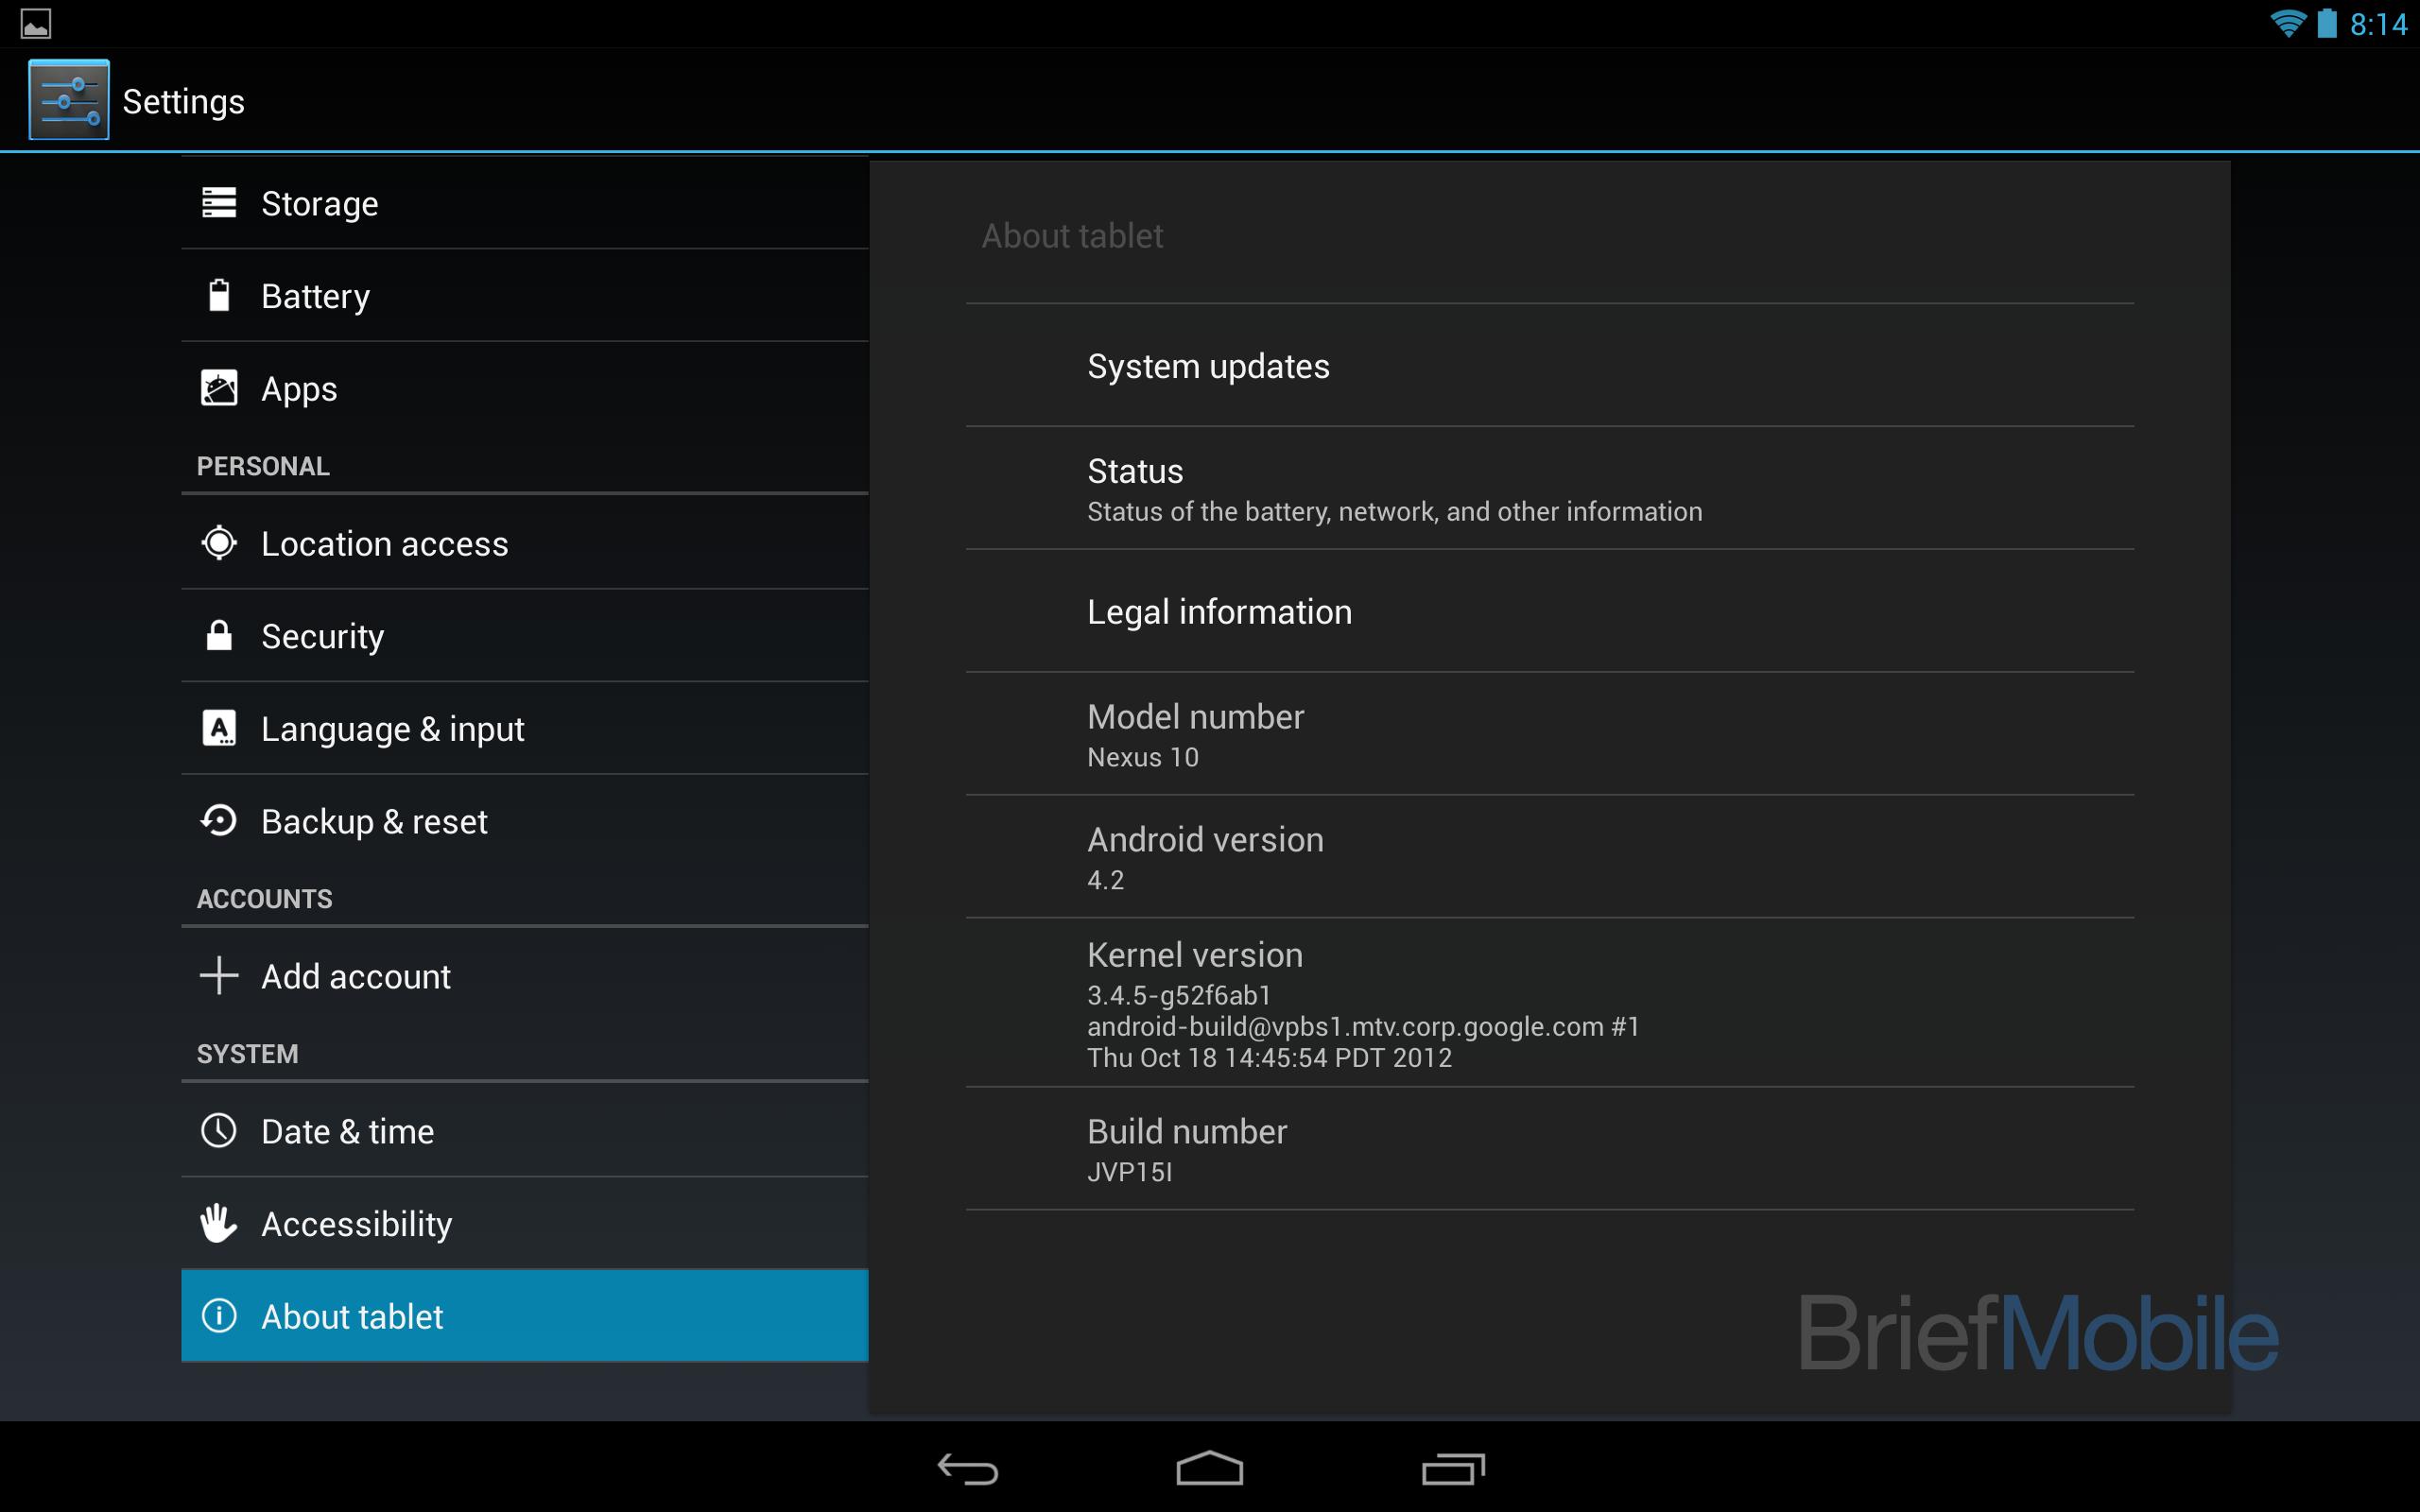 Android 4.2 svelate alcune immagini del nuovo sistema operativo di Google